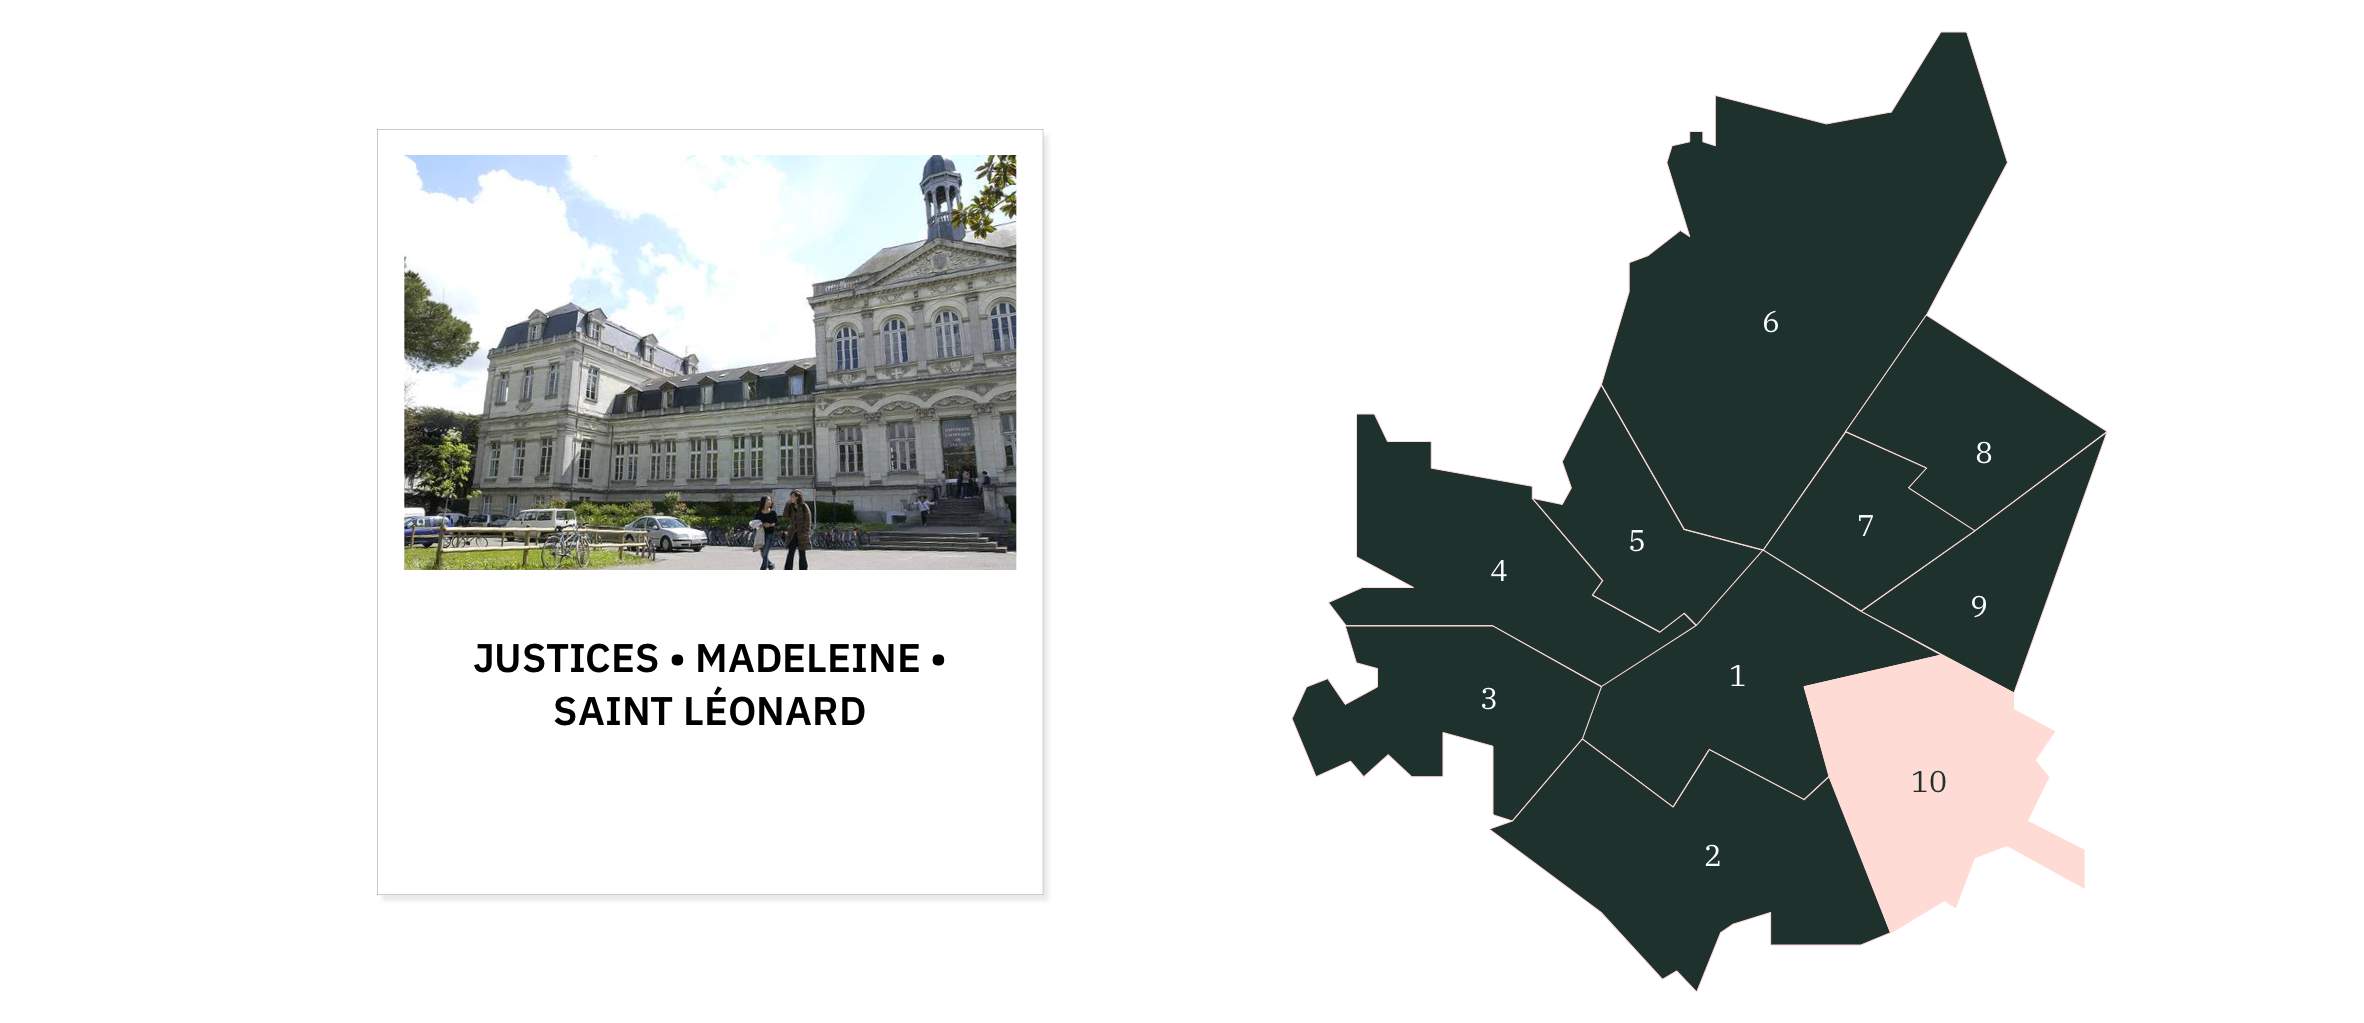 Madeleine Saint Leonard Justices⎜Carte des quartiers d'Angers